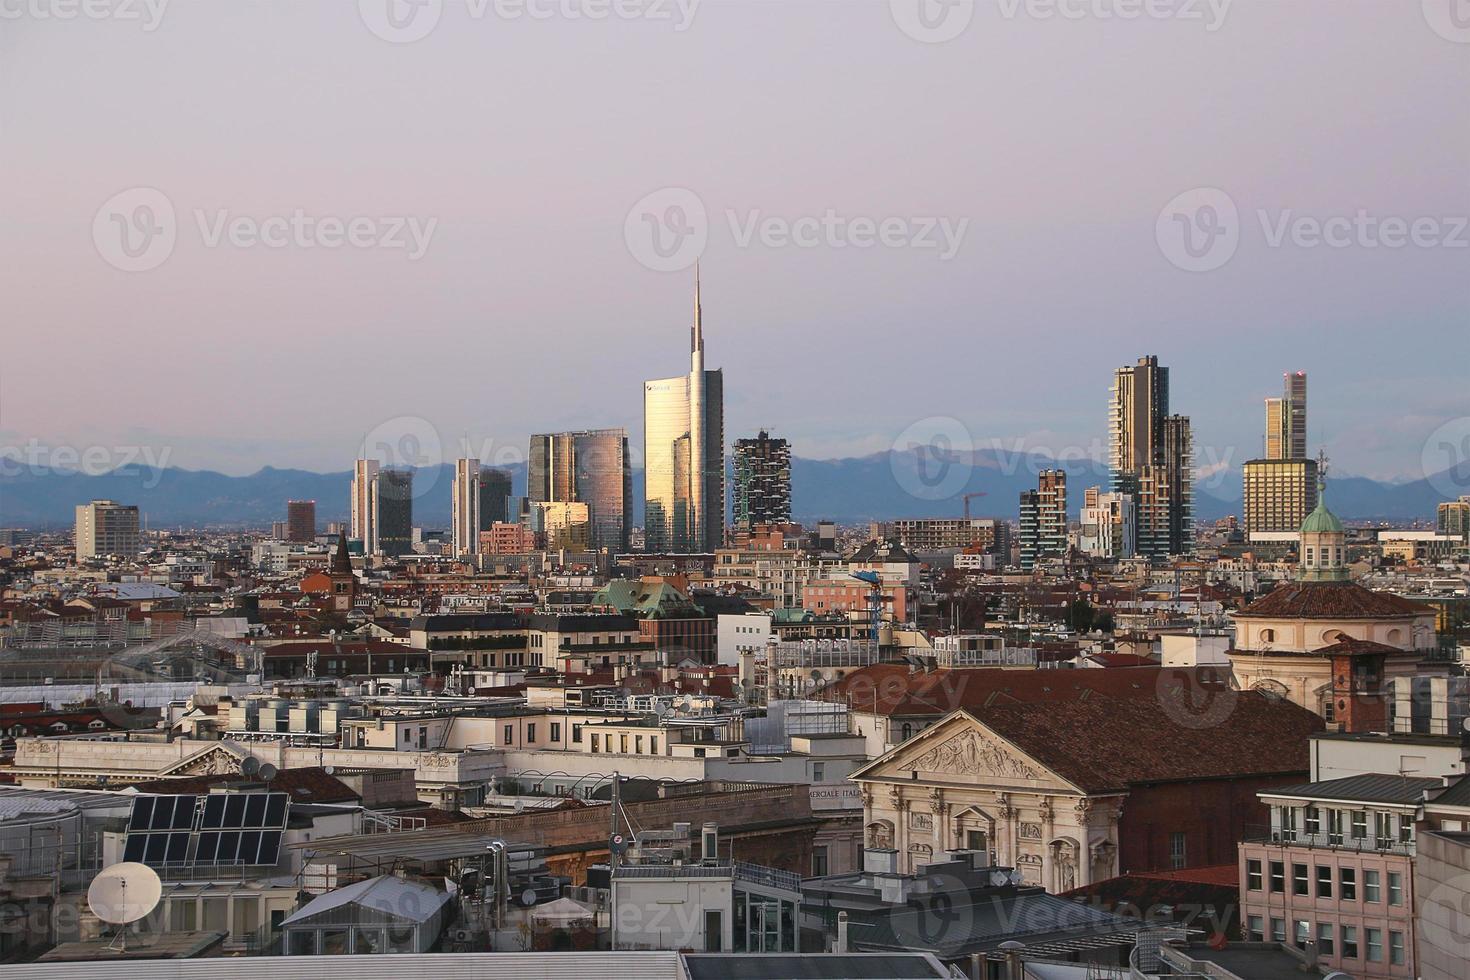 Blick auf das Geschäftsviertel von Mailand vom Dom aus. v.2. foto